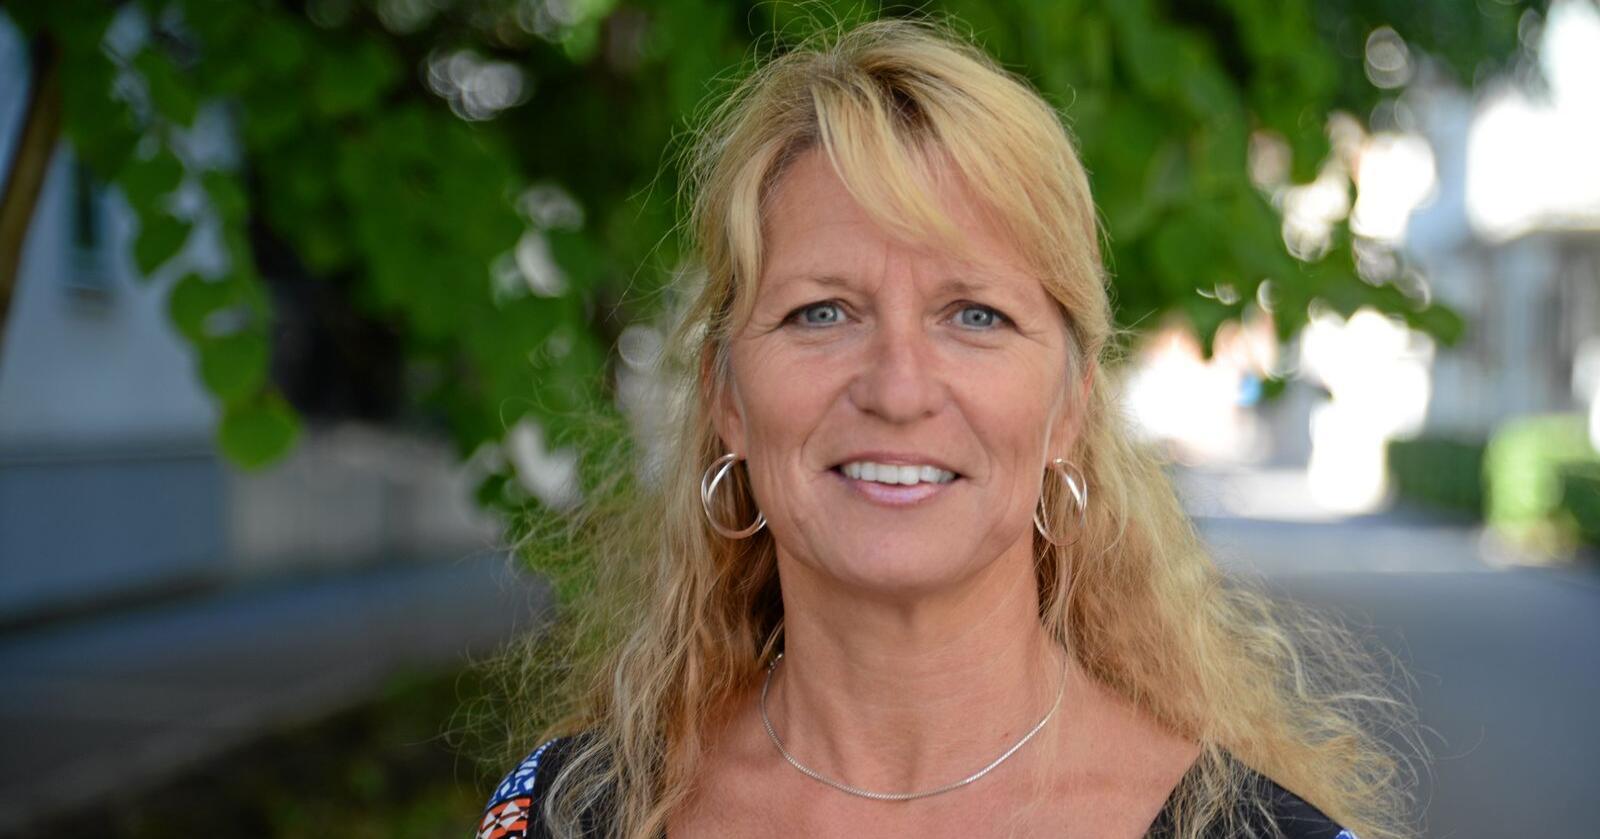 Det er fornuftig av Miljødirektoratet å ikke ta forhastede beslutninger om torv når det er så mange usikkerhetsmomenter, skriver Katrine Røed Meberg. Foto: Norsk Gartnerforbund